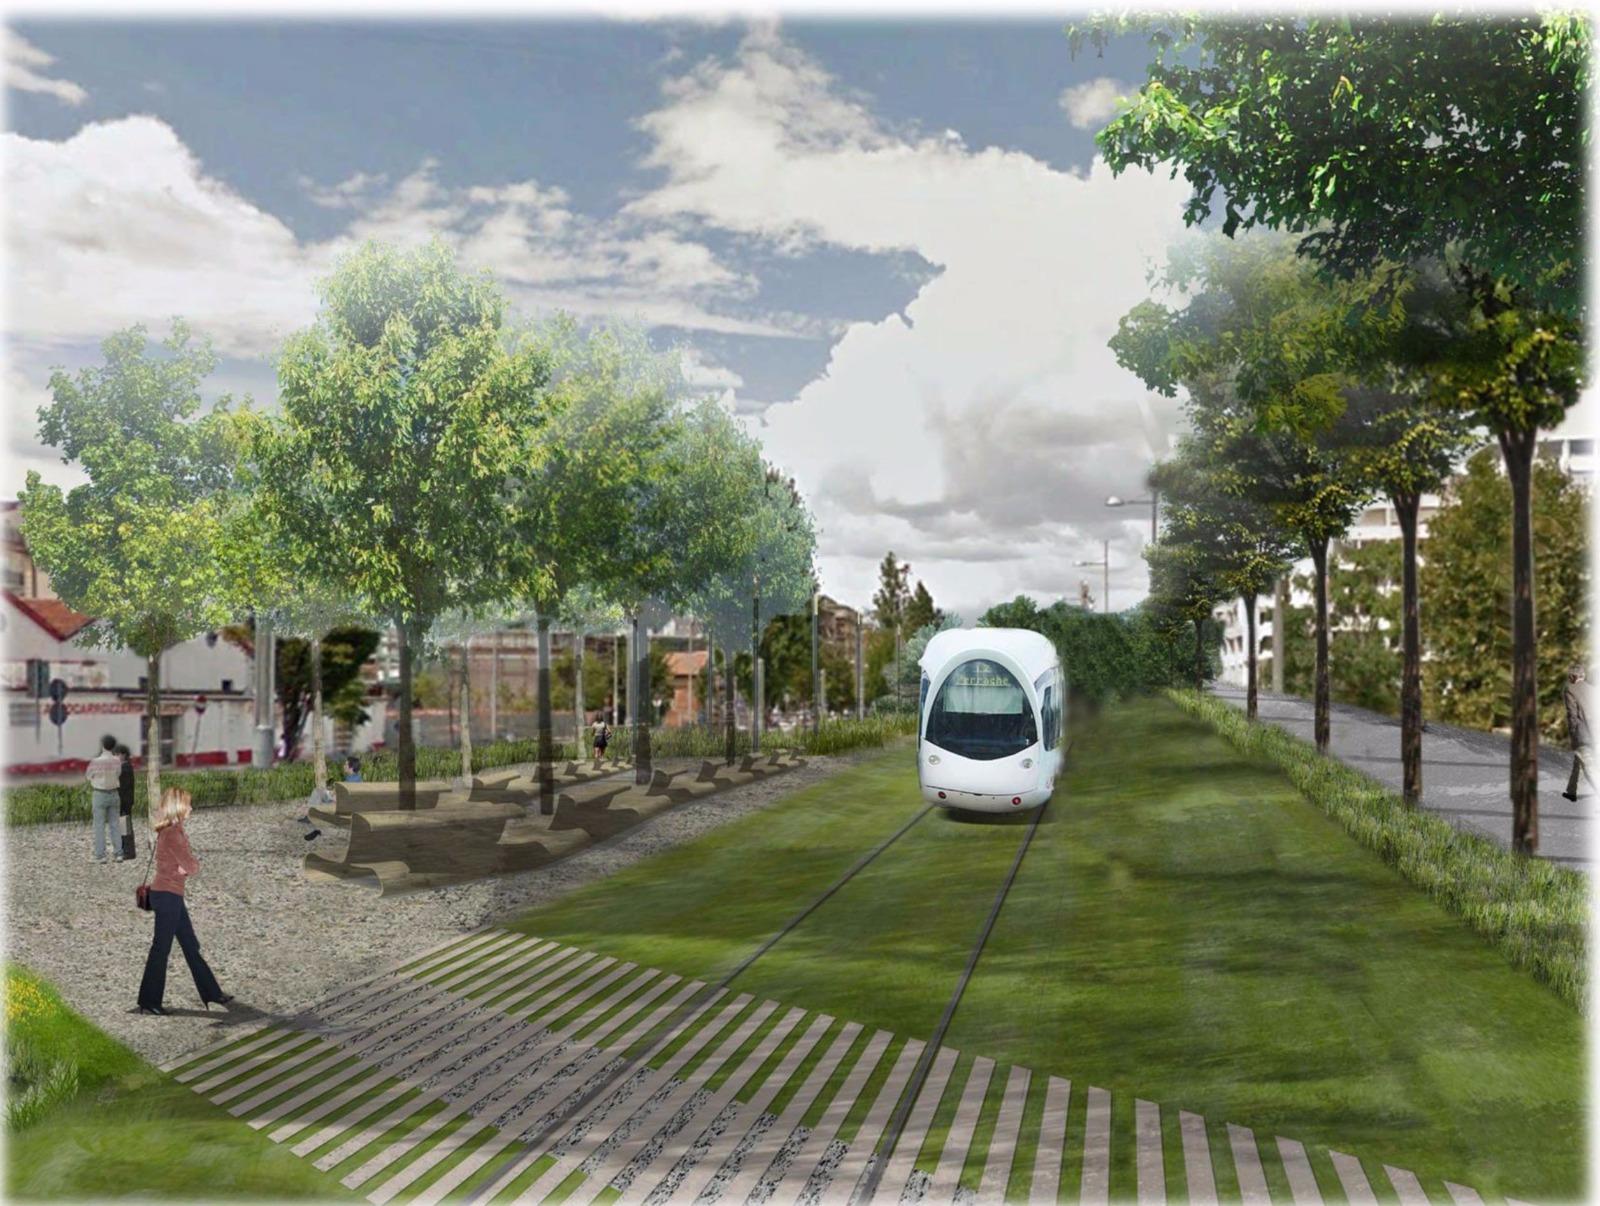 Metropolitana tra Cosenza e Rende, al via i lavori  Anche l'Università nel nuovo sistema dei trasporti